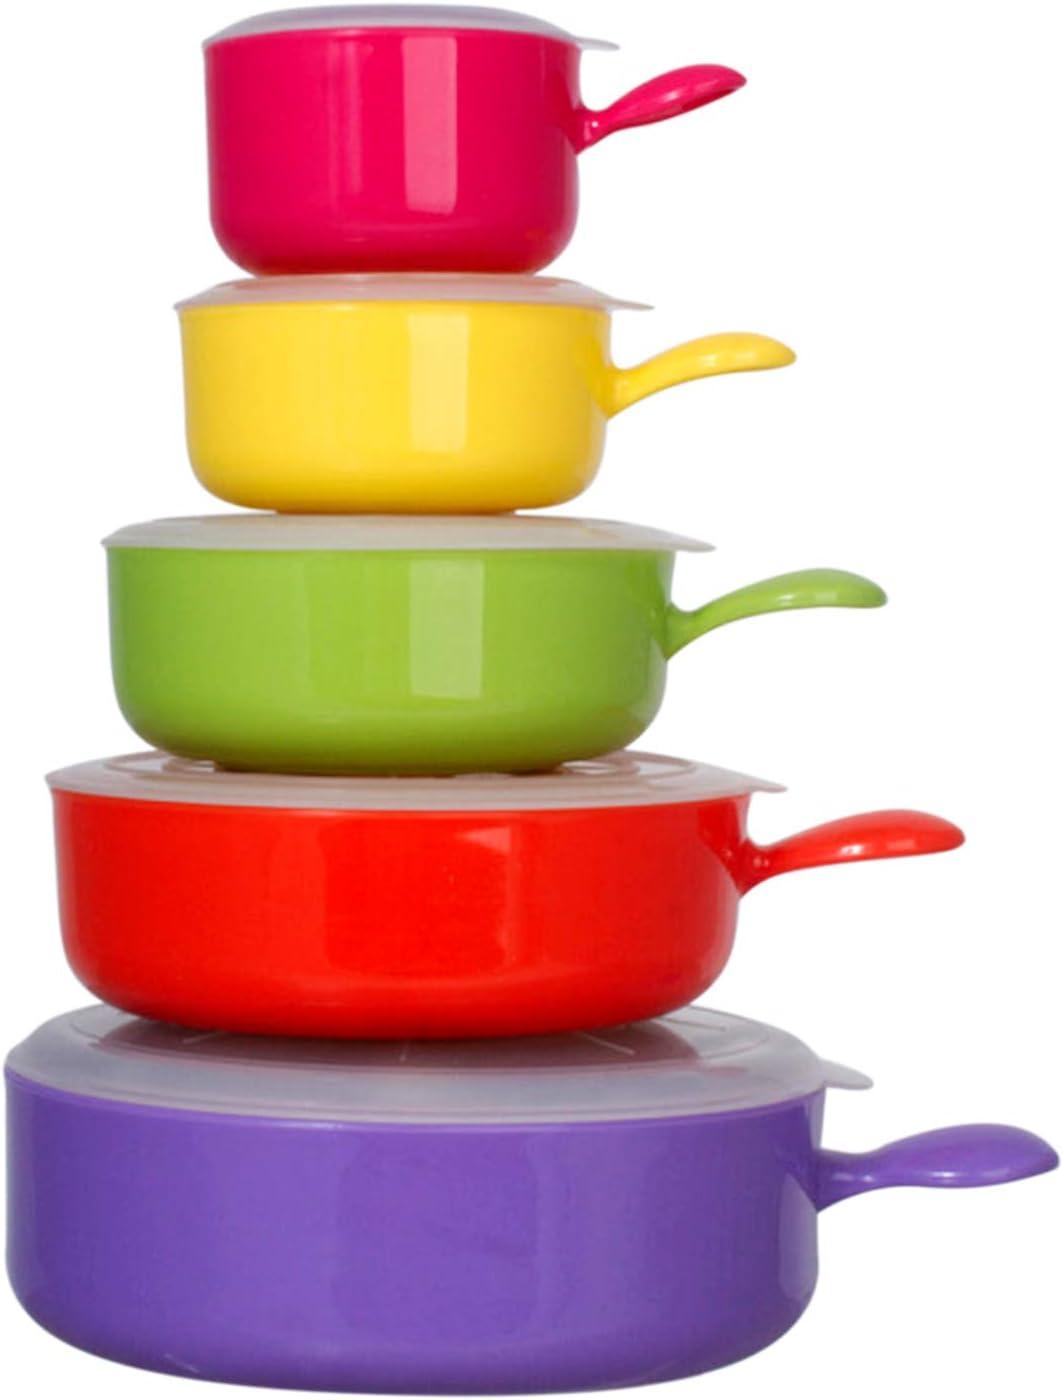 Plastic Bowls Microwave Safe, Freezer Safe – BPA Free Soup Bowls Microwave Safe, Dishwasher & Freezer Safe – Plastic Bowls with Lids – Food Storage Bowls